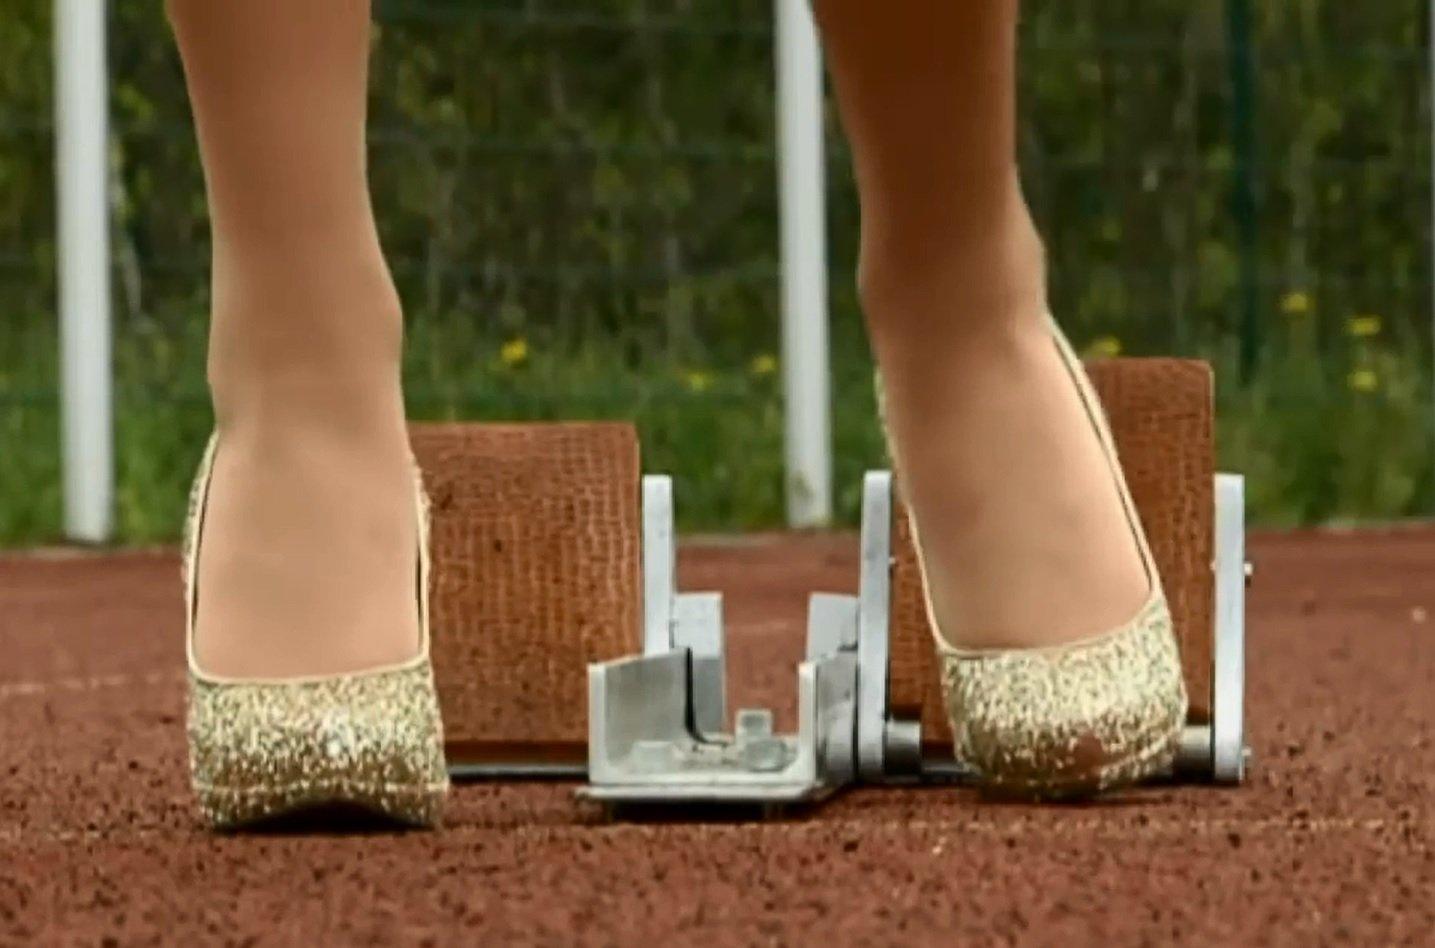 При низком старте каблуки приходится все же располагать чуть выше колодок. Источник https://glamorousheels.com/